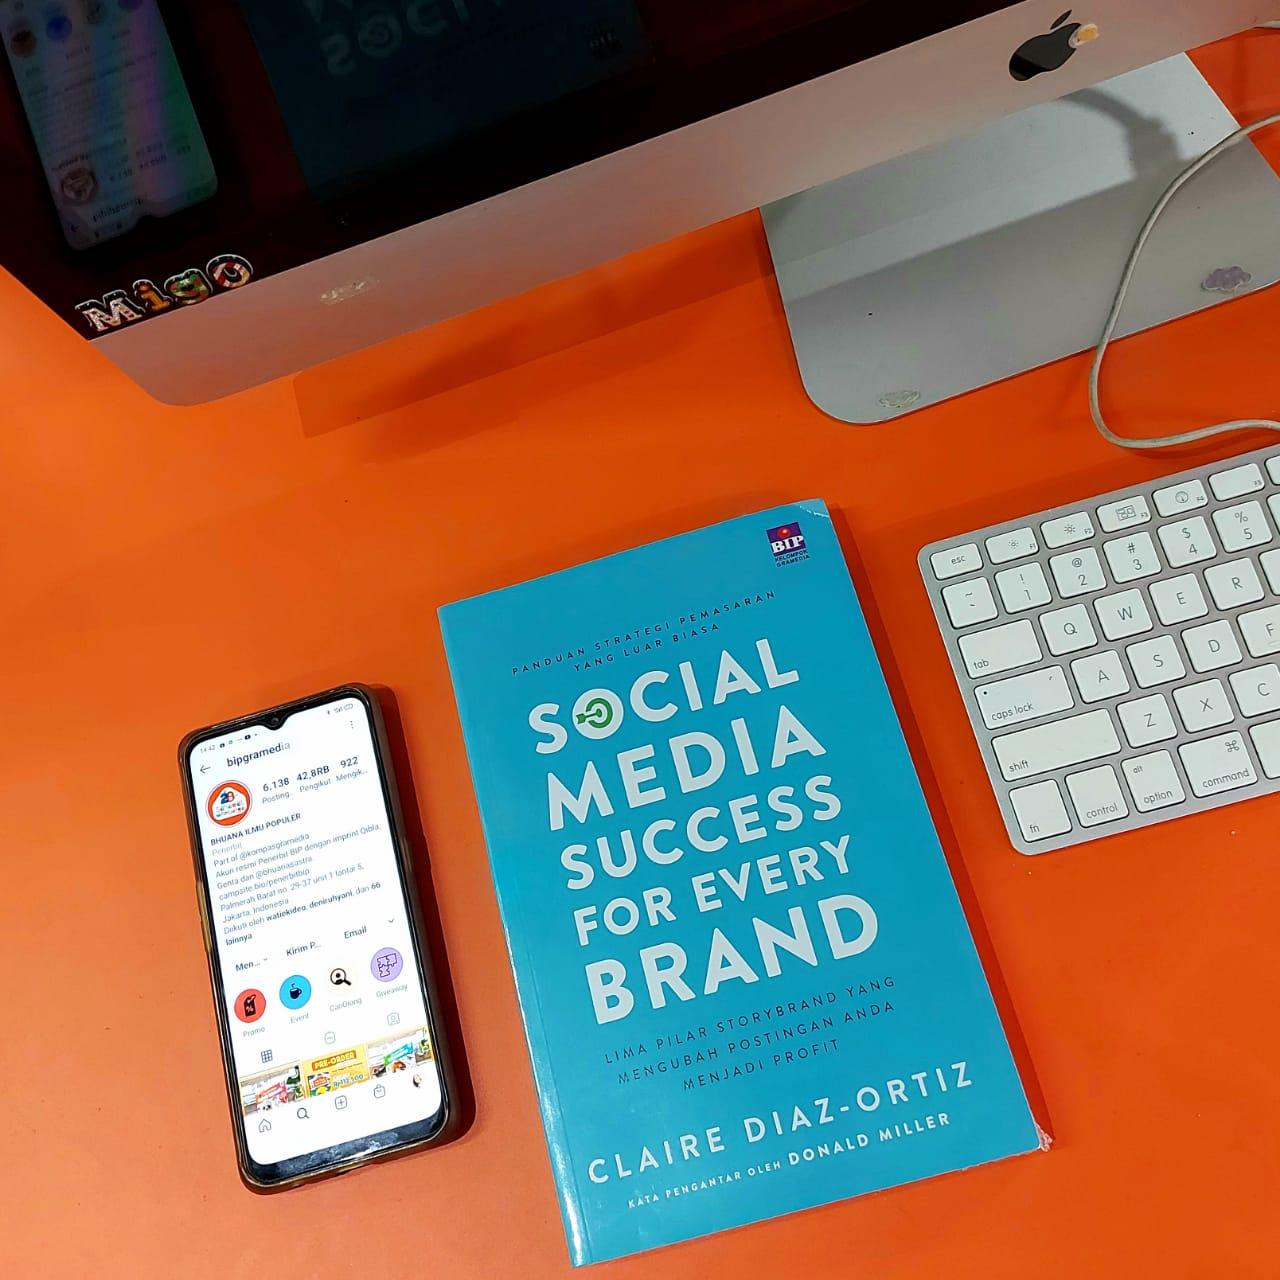 Menjadi Viral Bukan Strategi yang Tepat untuk Pemasaran Media Sosial